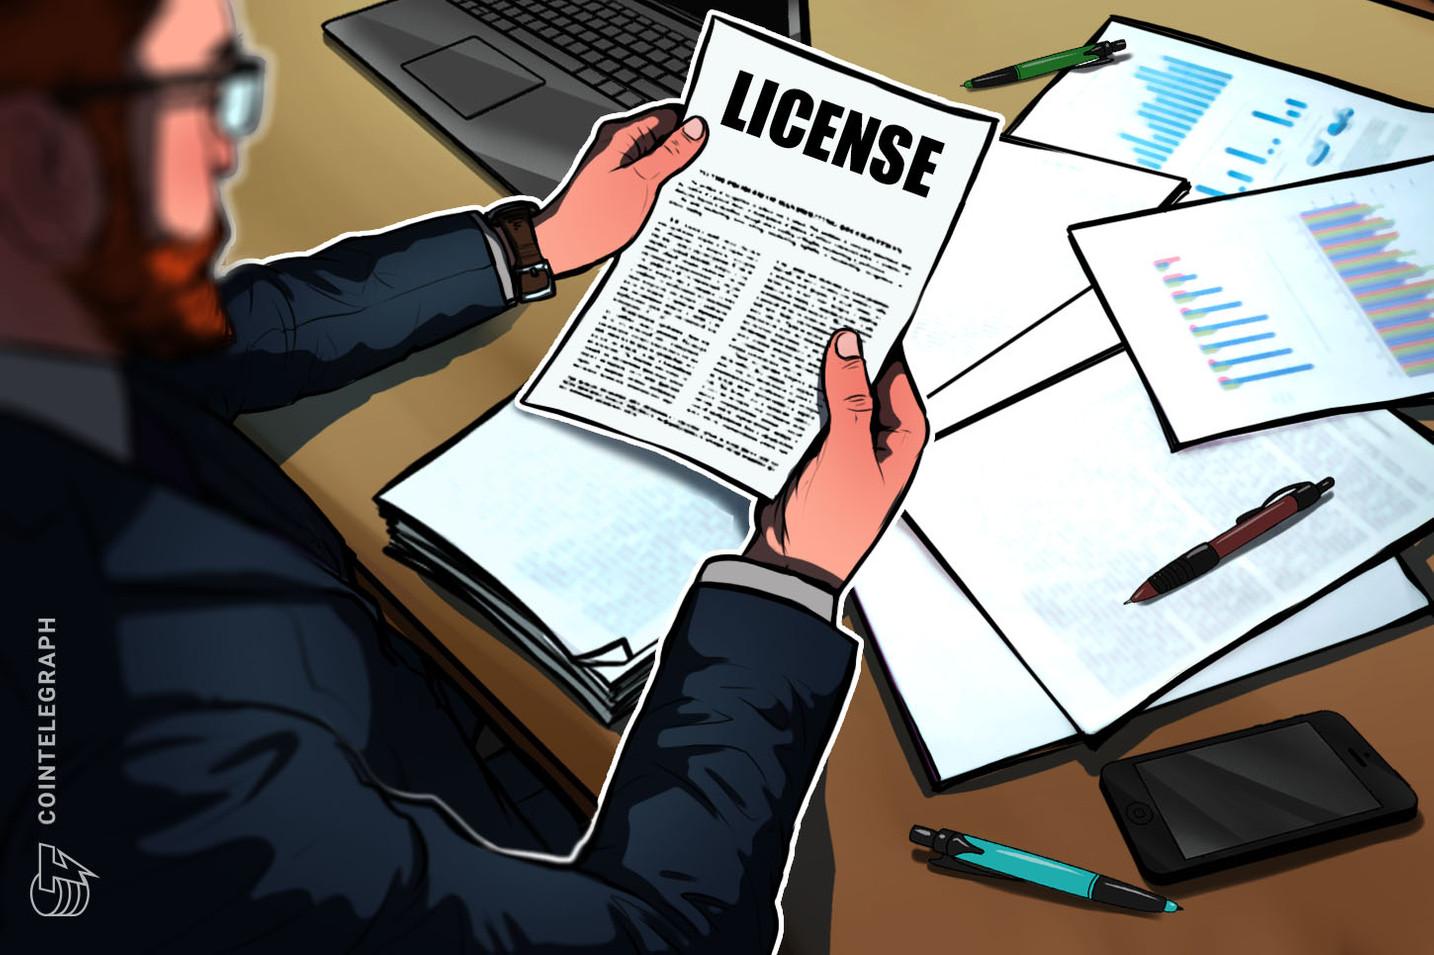 Organismo regulatorio de Gibraltar otorga licencia a una plataforma de criptomonedas bielorrusa